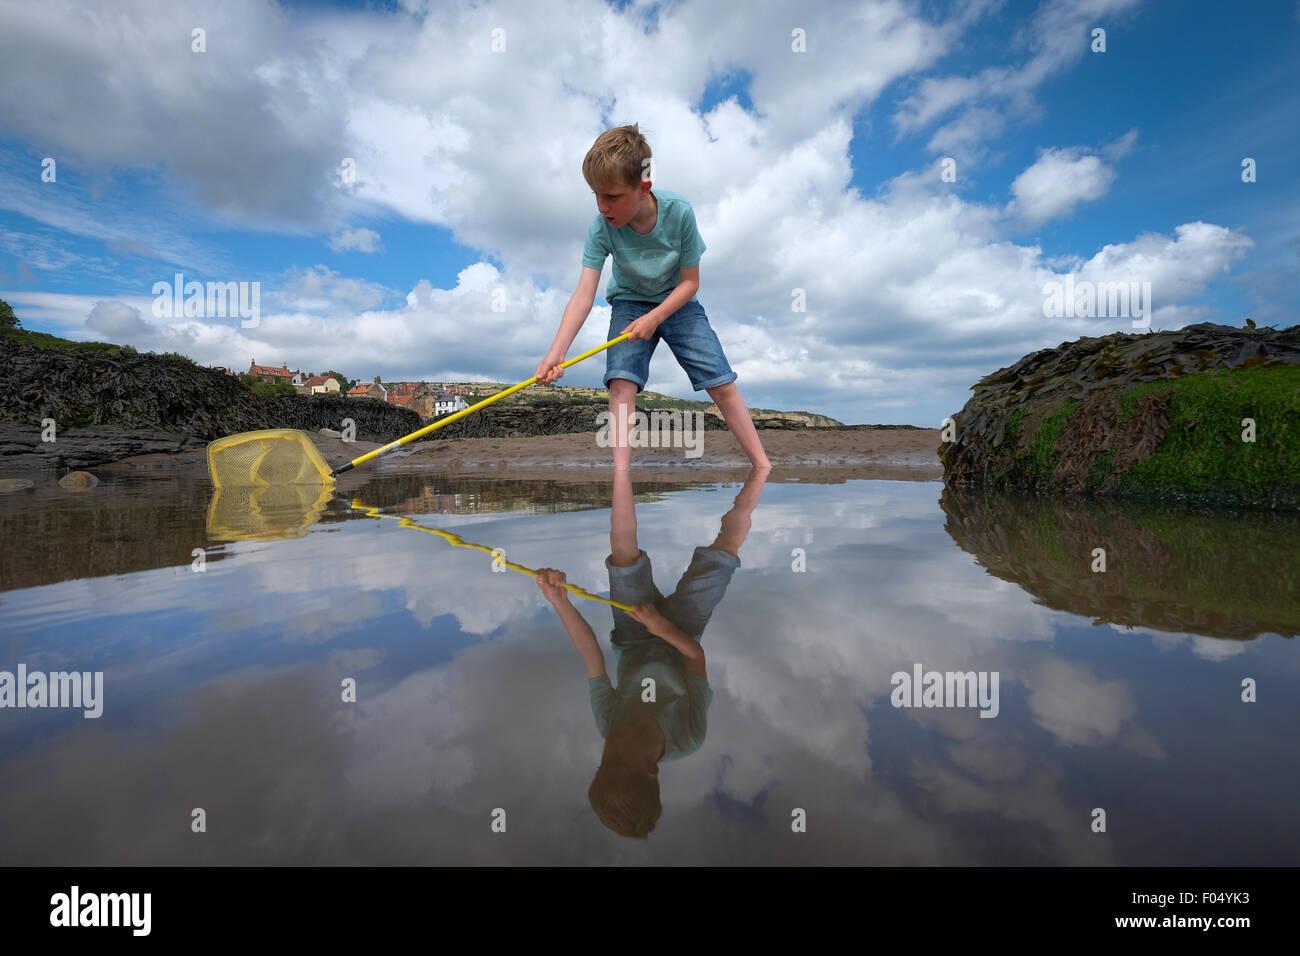 Un niño con una red de pesca en busca de peces en un estanque de rocas en la playa de la Bahía de Robin Imagen De Stock